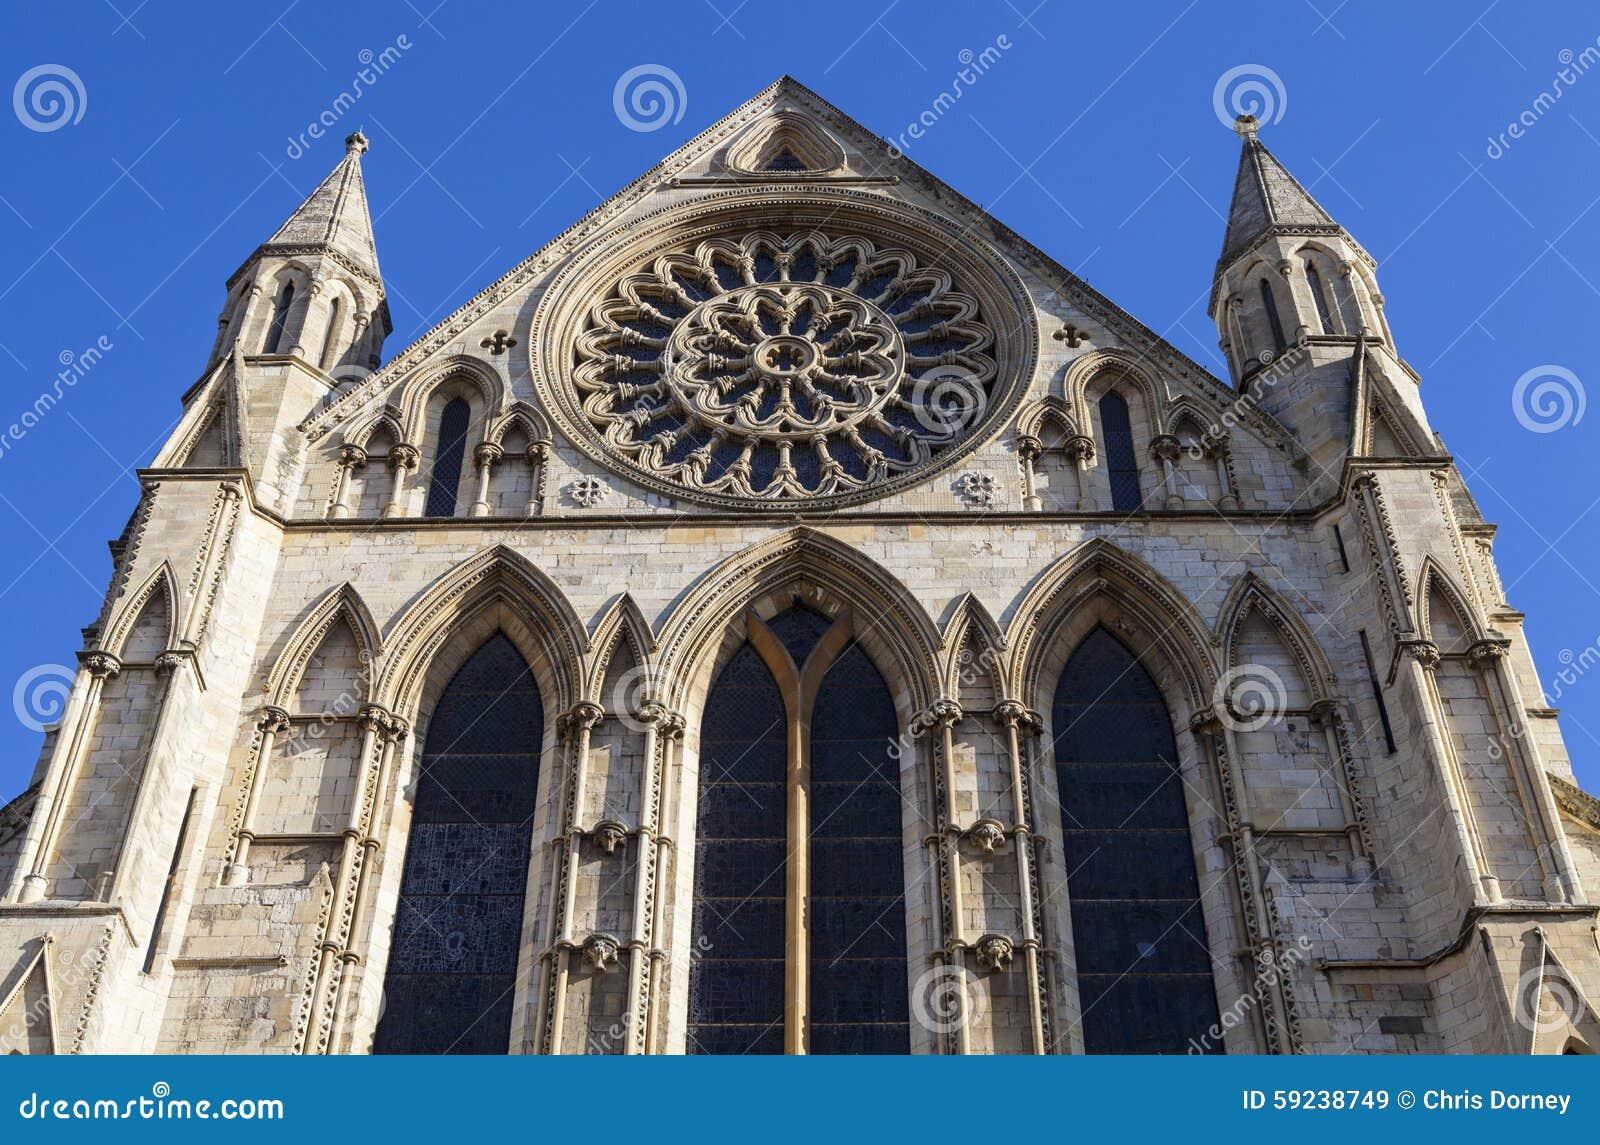 Download Iglesia De Monasterio De York Imagen de archivo - Imagen de britain, historia: 59238749